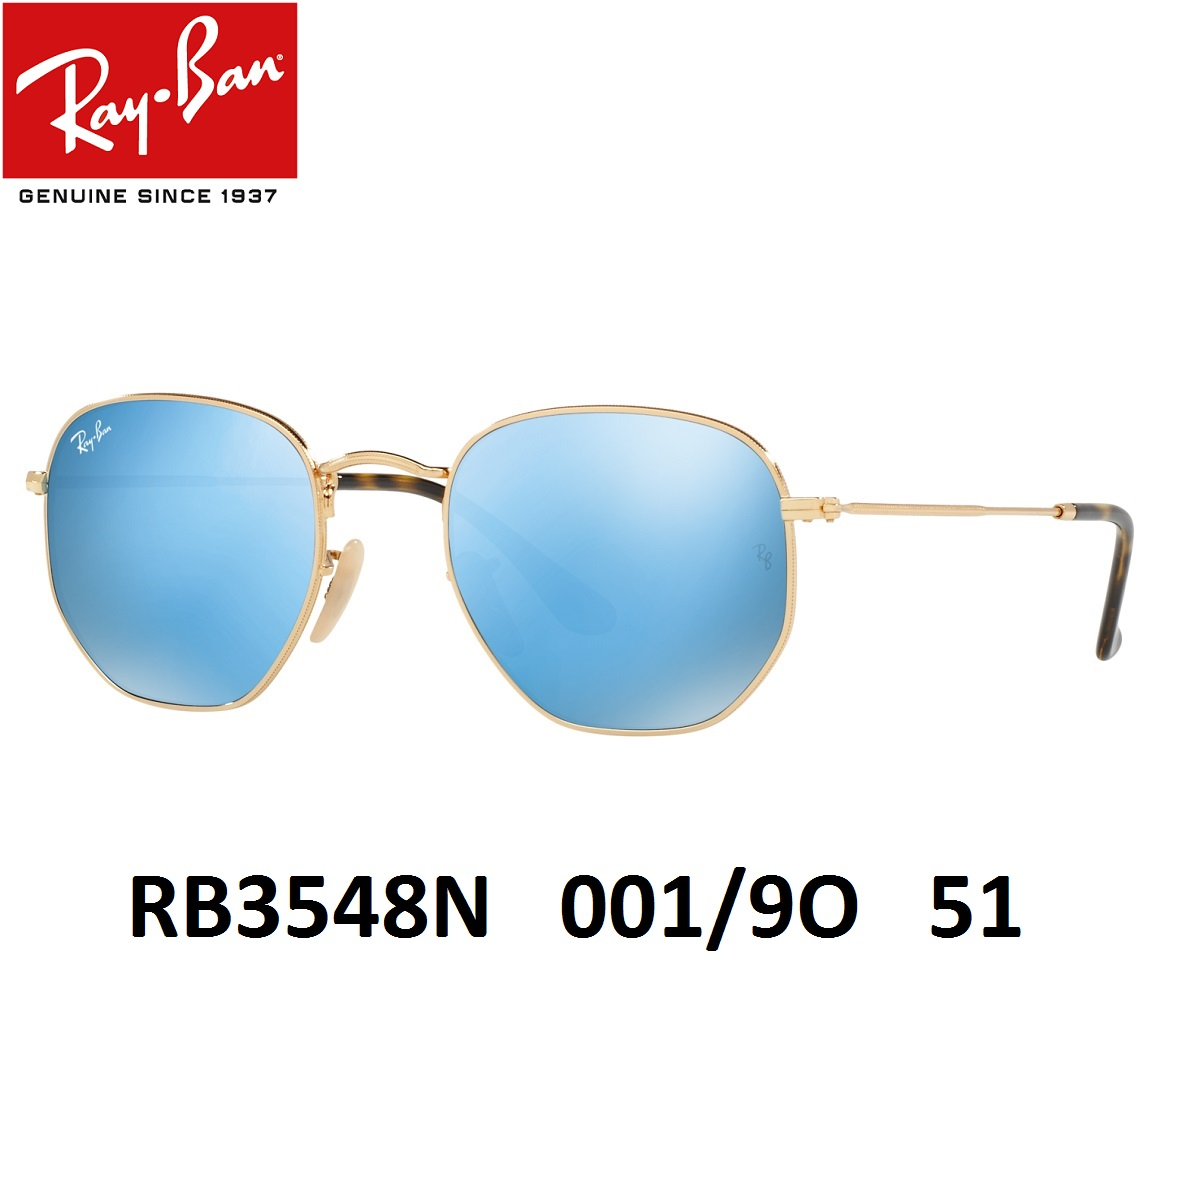 レイバン サングラス Ray-Ban RB3548N 001/9O(51)ヘキサゴンシェイプ フラットレンズ タイプ【あす楽対応】メンズ レディース 男女兼用 【ミラリジャパンメーカー保証書付】